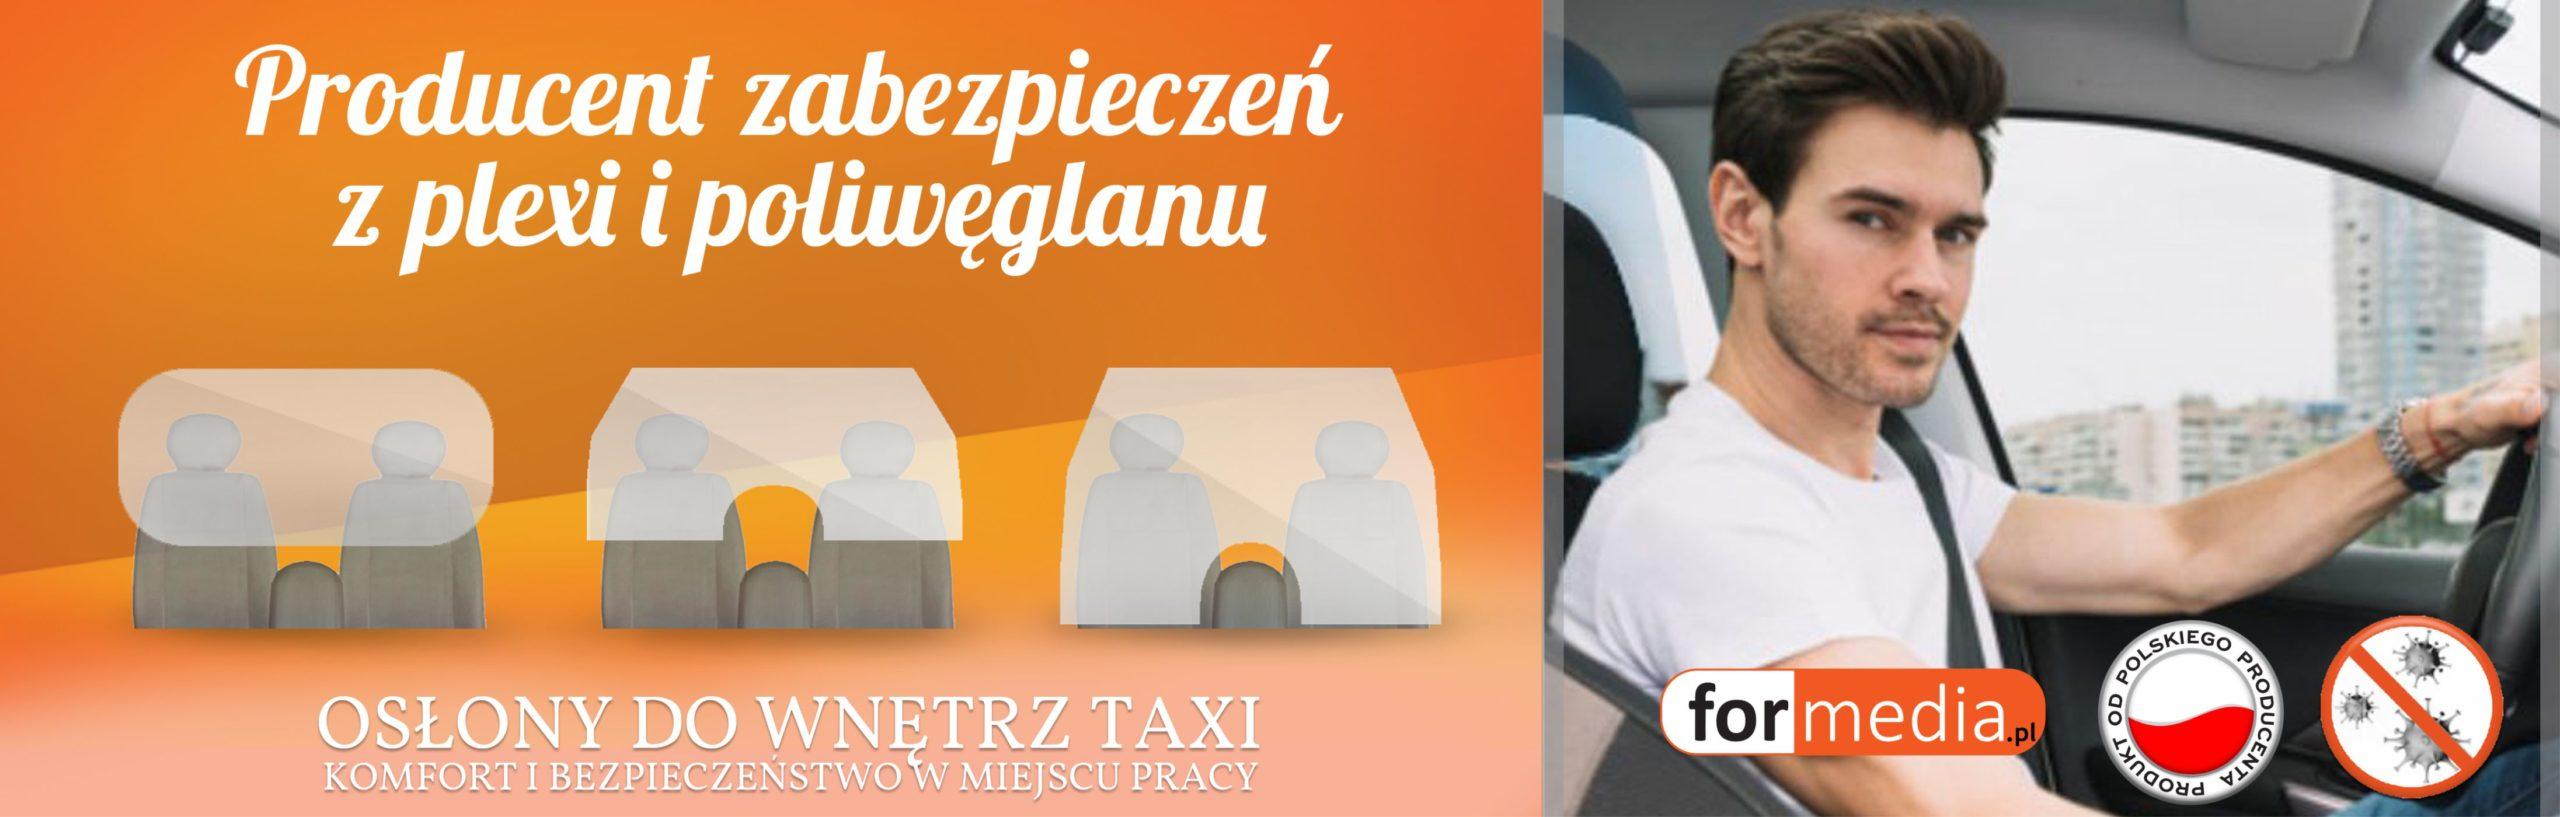 osłony do wnętrz taxi